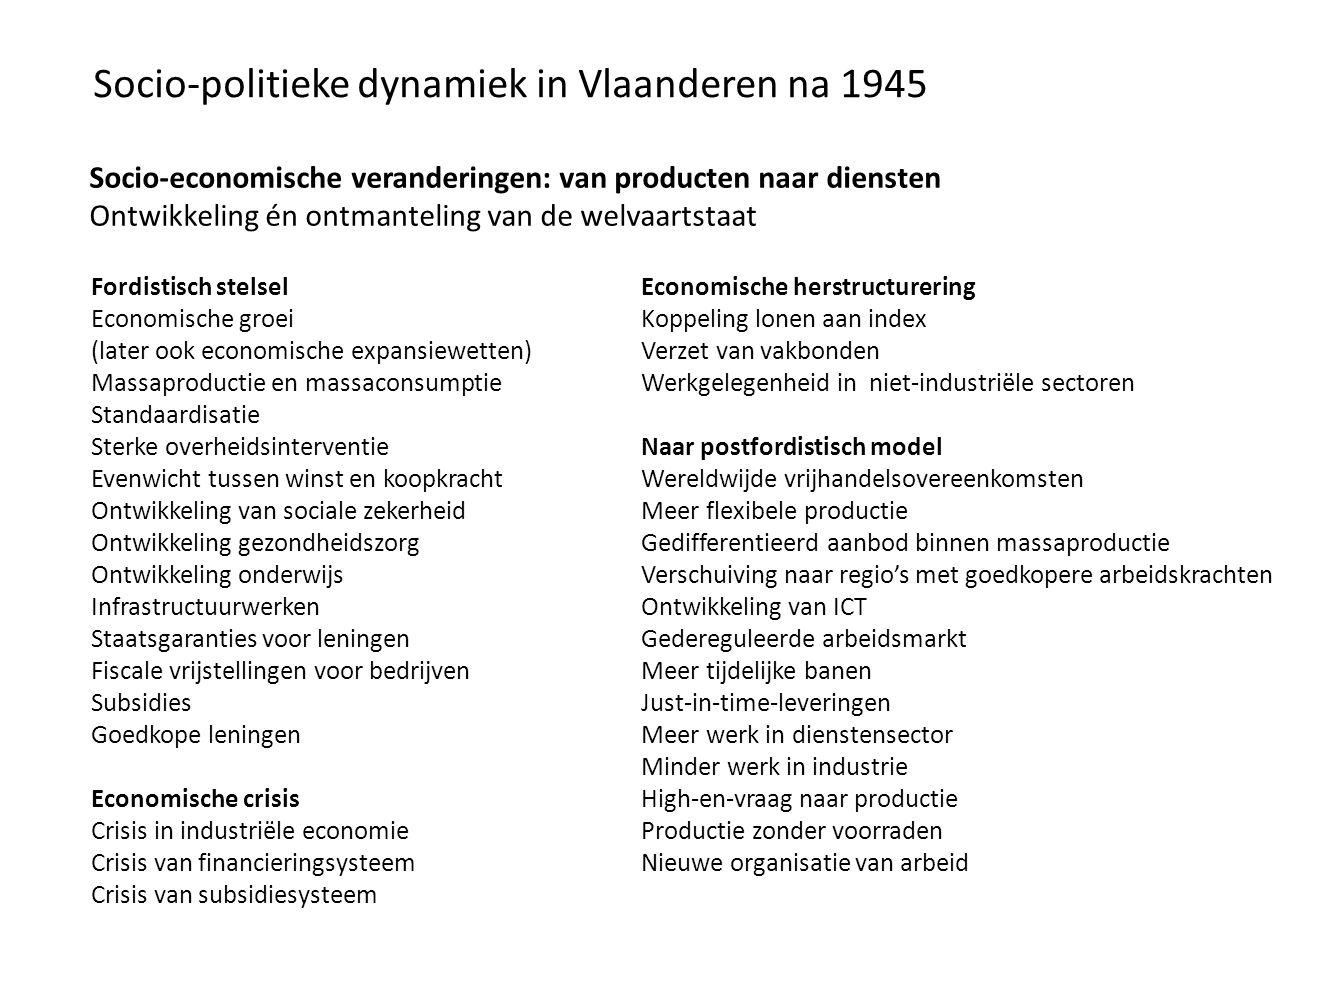 Socio-politieke dynamiek in Vlaanderen na 1945 Socio-economische veranderingen: van producten naar diensten Ontwikkeling én ontmanteling van de welvaartstaat Fordistisch stelsel Economische groei (later ook economische expansiewetten) Massaproductie en massaconsumptie Standaardisatie Sterke overheidsinterventie Evenwicht tussen winst en koopkracht Ontwikkeling van sociale zekerheid Ontwikkeling gezondheidszorg Ontwikkeling onderwijs Infrastructuurwerken Staatsgaranties voor leningen Fiscale vrijstellingen voor bedrijven Subsidies Goedkope leningen Economische crisis Crisis in industriële economie Crisis van financieringsysteem Crisis van subsidiesysteem Economische herstructurering Koppeling lonen aan index Verzet van vakbonden Werkgelegenheid in niet-industriële sectoren Naar postfordistisch model Wereldwijde vrijhandelsovereenkomsten Meer flexibele productie Gedifferentieerd aanbod binnen massaproductie Verschuiving naar regio's met goedkopere arbeidskrachten Ontwikkeling van ICT Gedereguleerde arbeidsmarkt Meer tijdelijke banen Just-in-time-leveringen Meer werk in dienstensector Minder werk in industrie High-en-vraag naar productie Productie zonder voorraden Nieuwe organisatie van arbeid